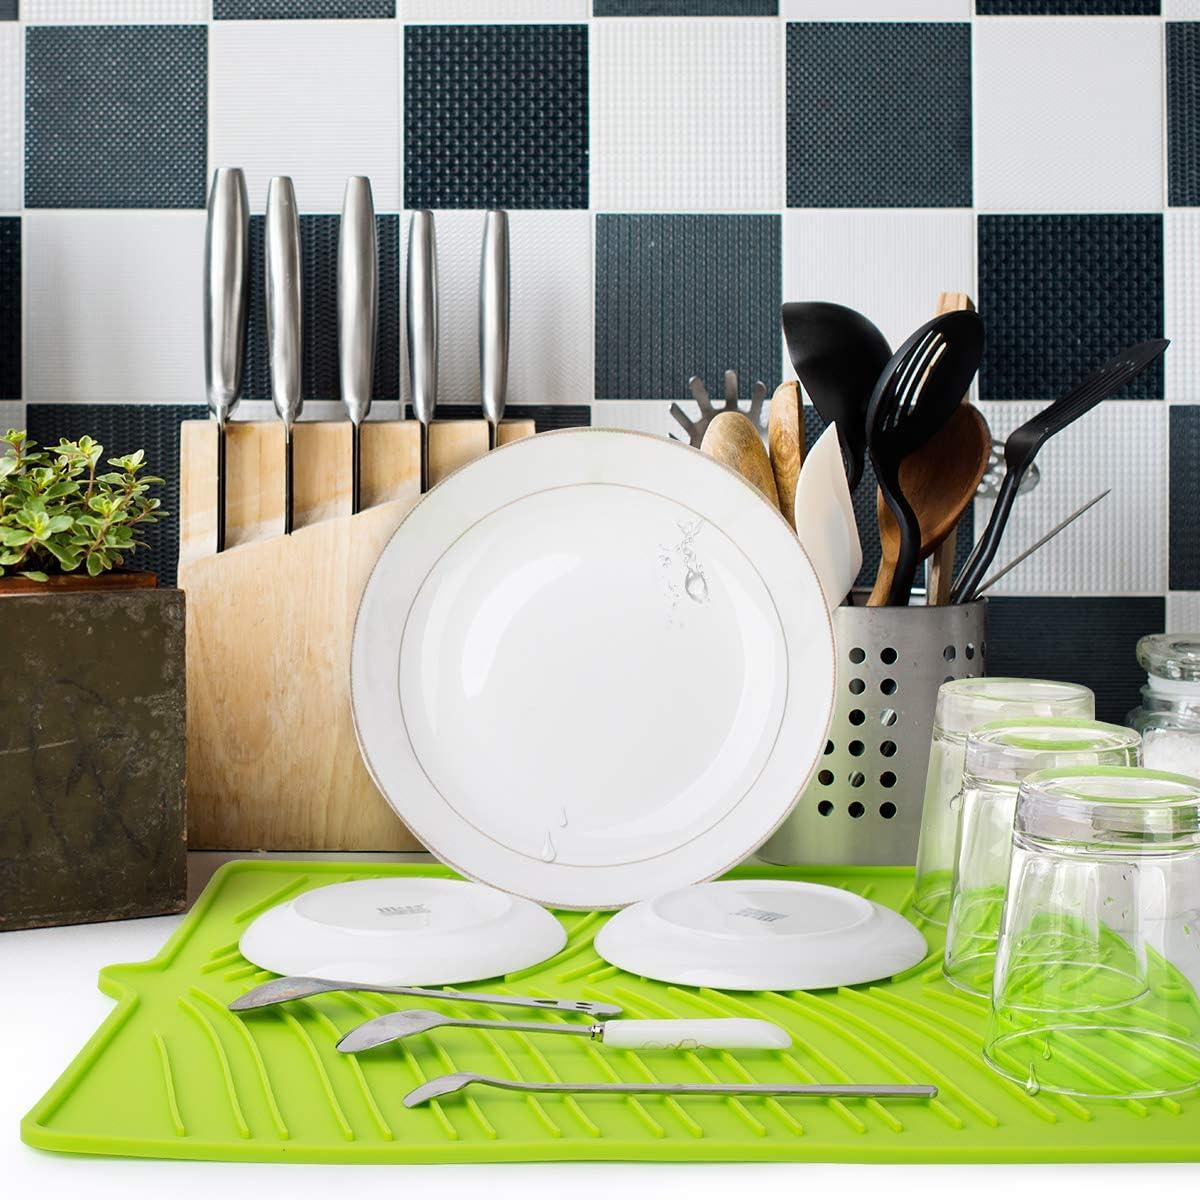 Rose Facile /à Nettoyer pour Cuisine Nuovoware Tapis de S/échage en Silicone Tapis de Cuisine pour Vaisselle R/ésistant /à la Chaleur et Respectueux de lenvironnement